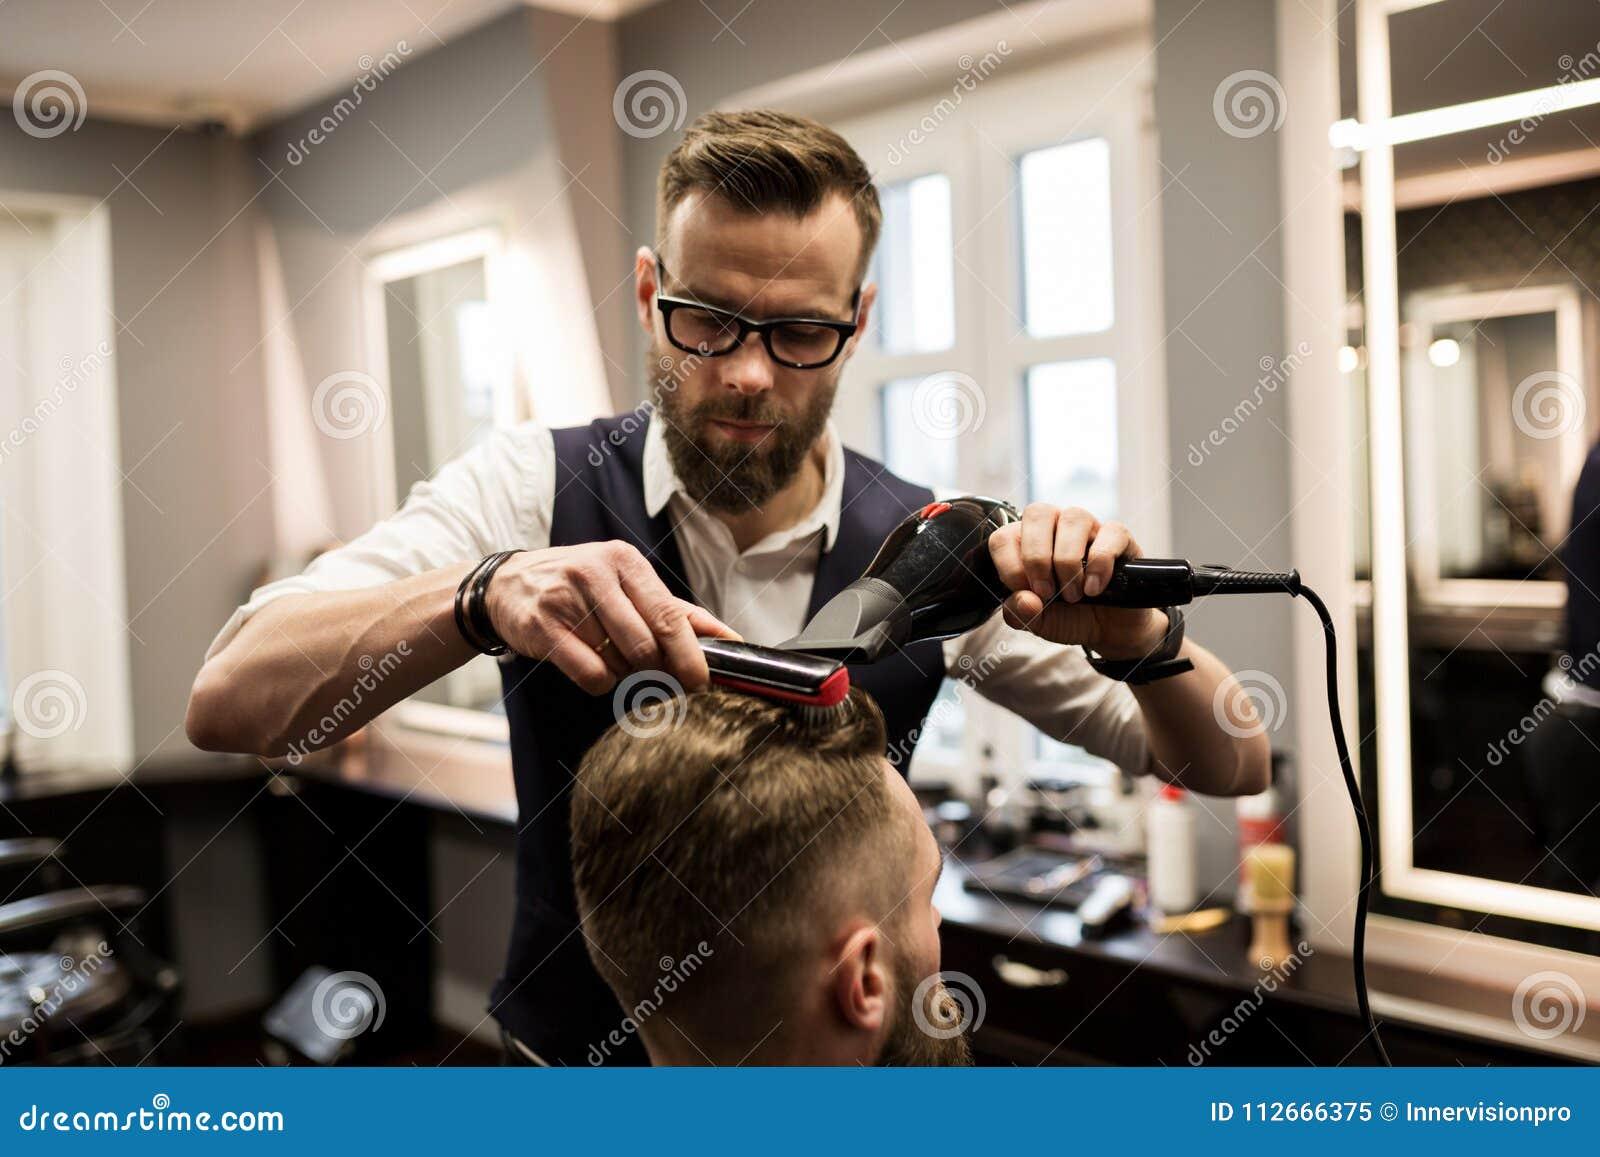 Skupiający się fryzjera męskiego klienta suszarniczy włosy